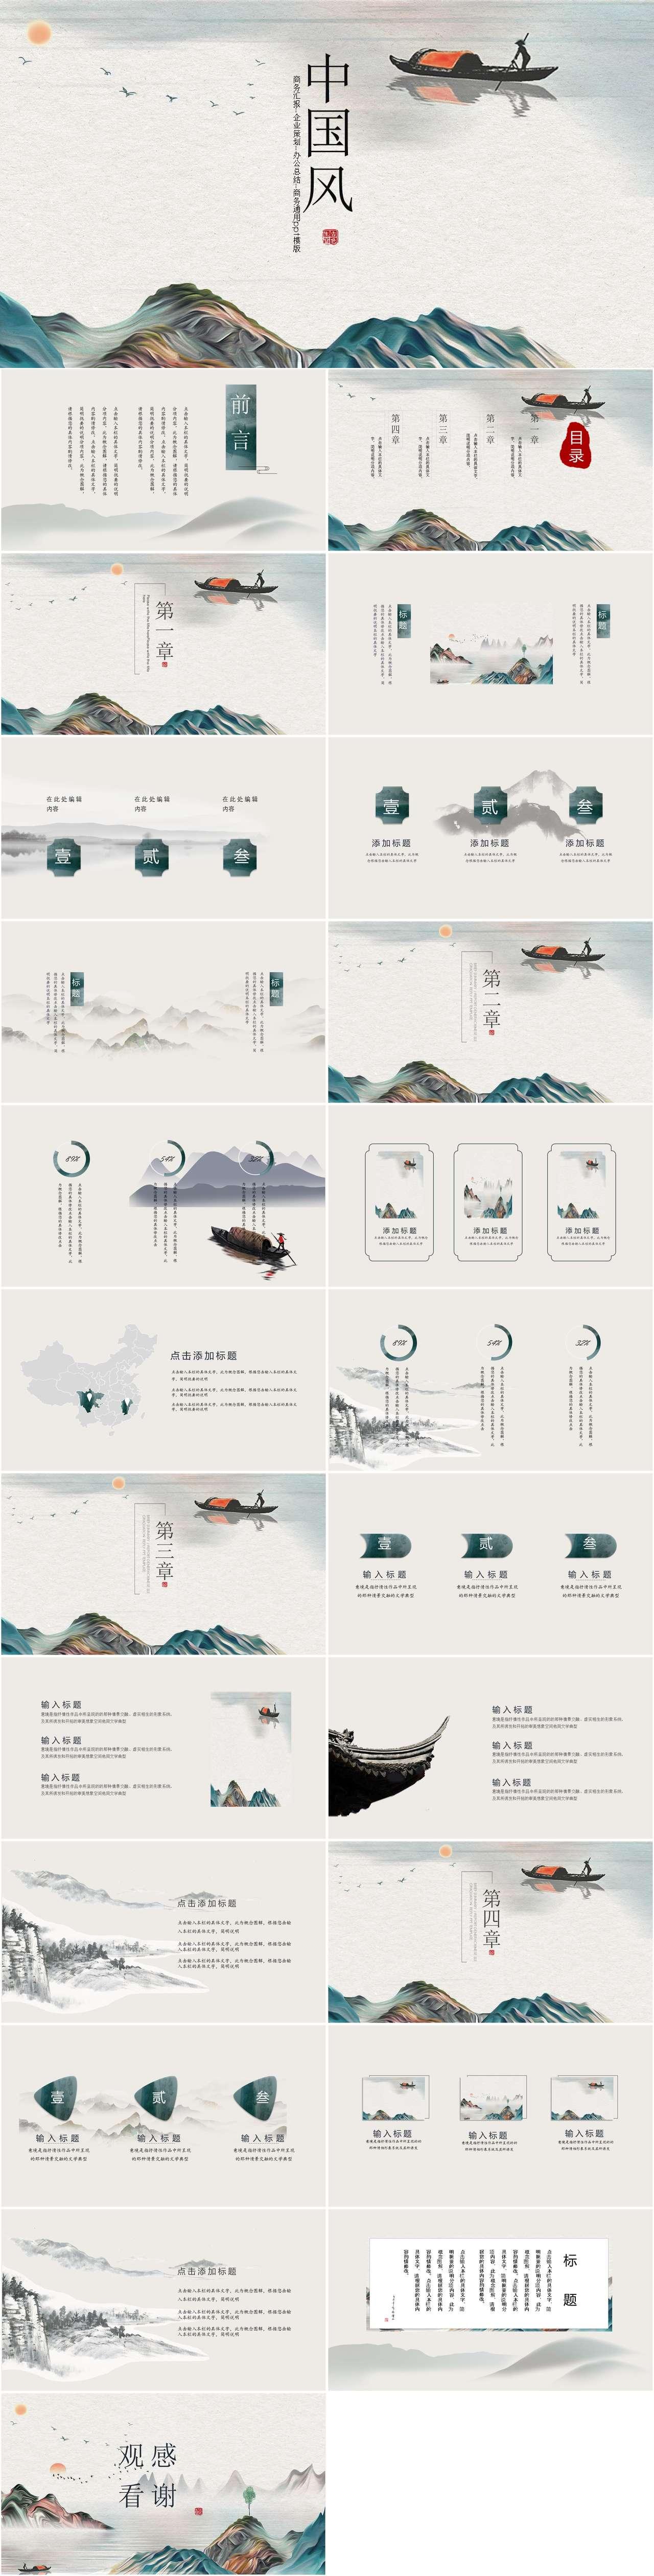 雅致古典中国风山水动态PPT模板插图1